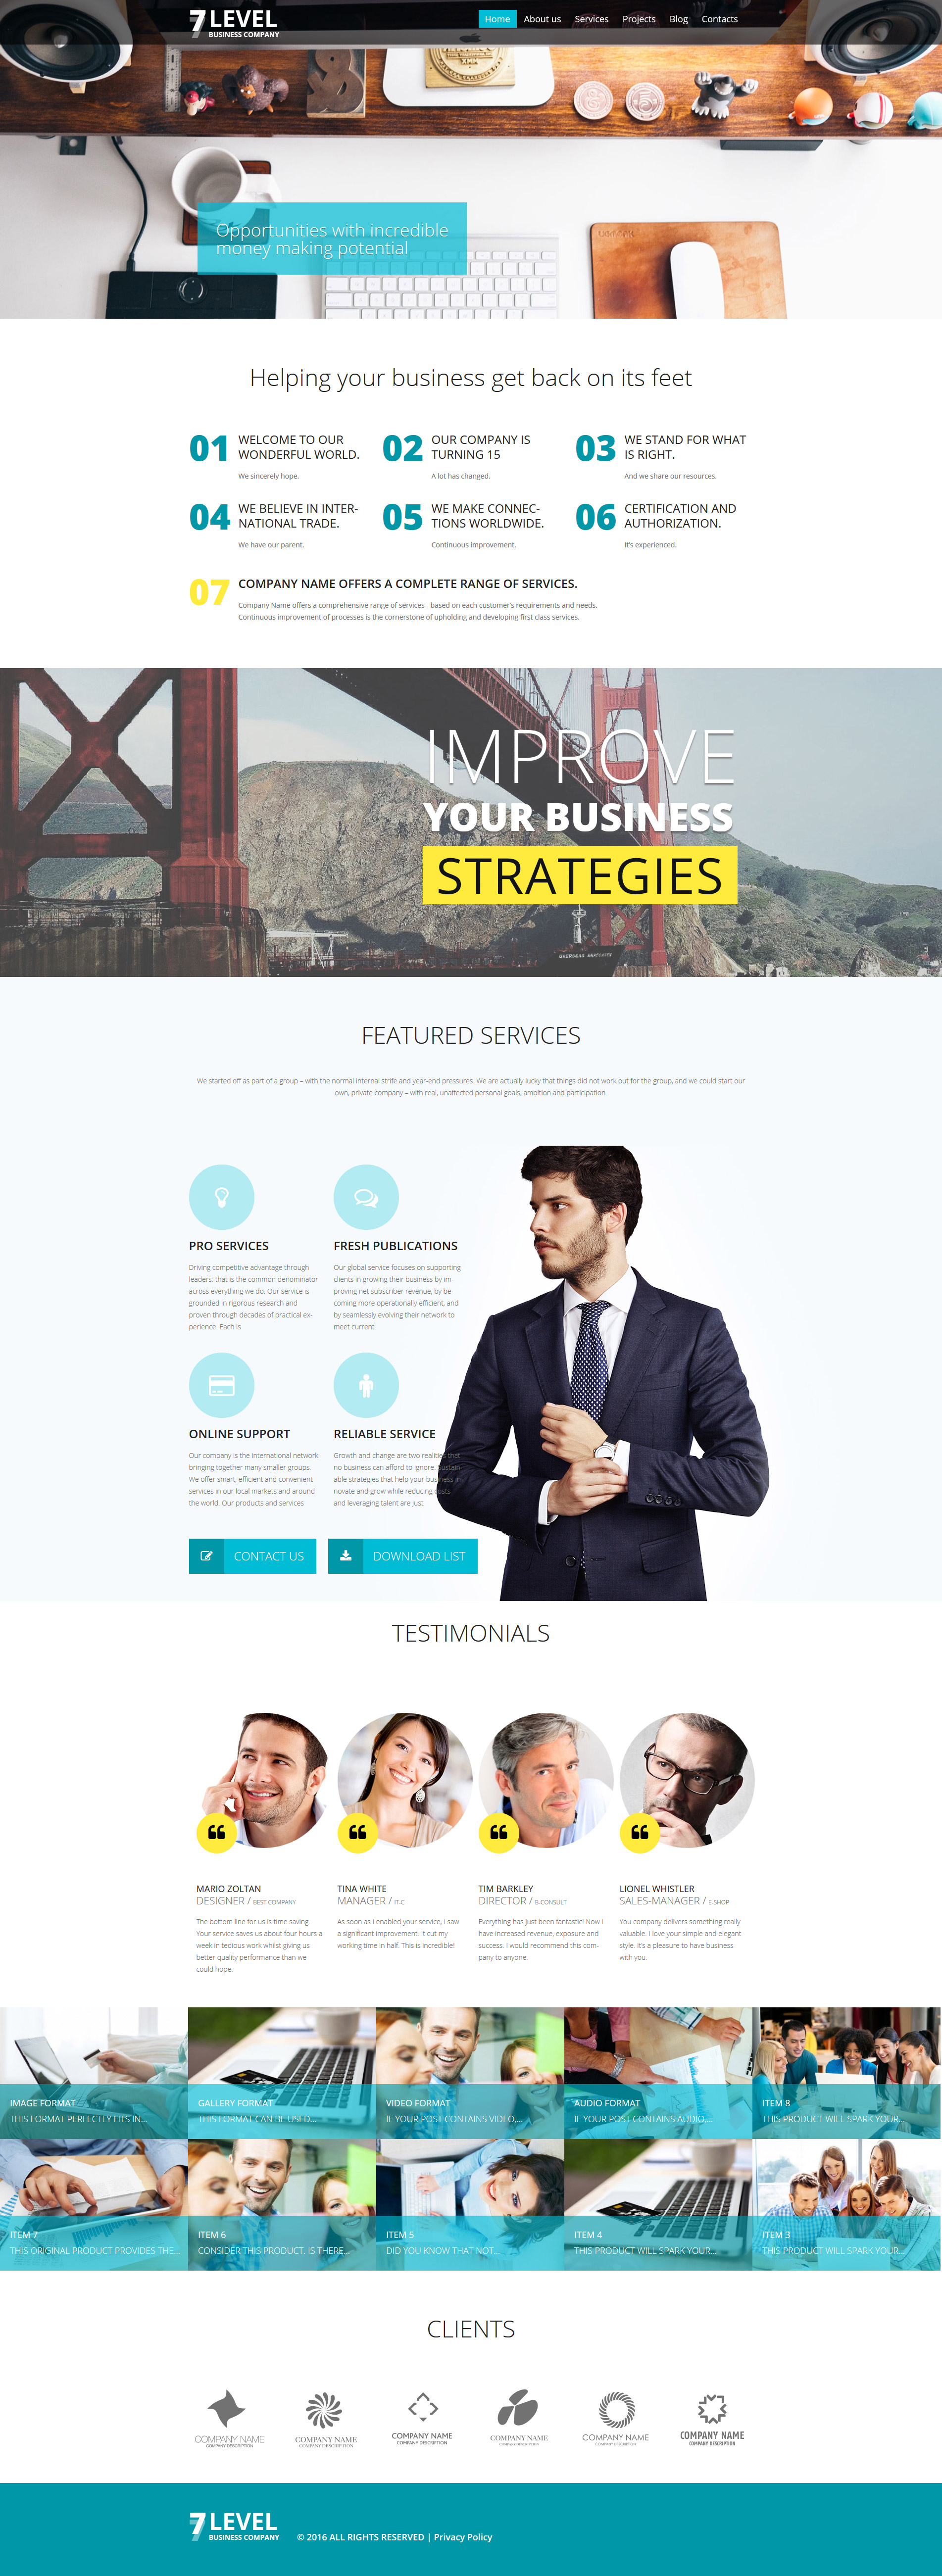 7 Level на тему бизнес №58461 - скриншот